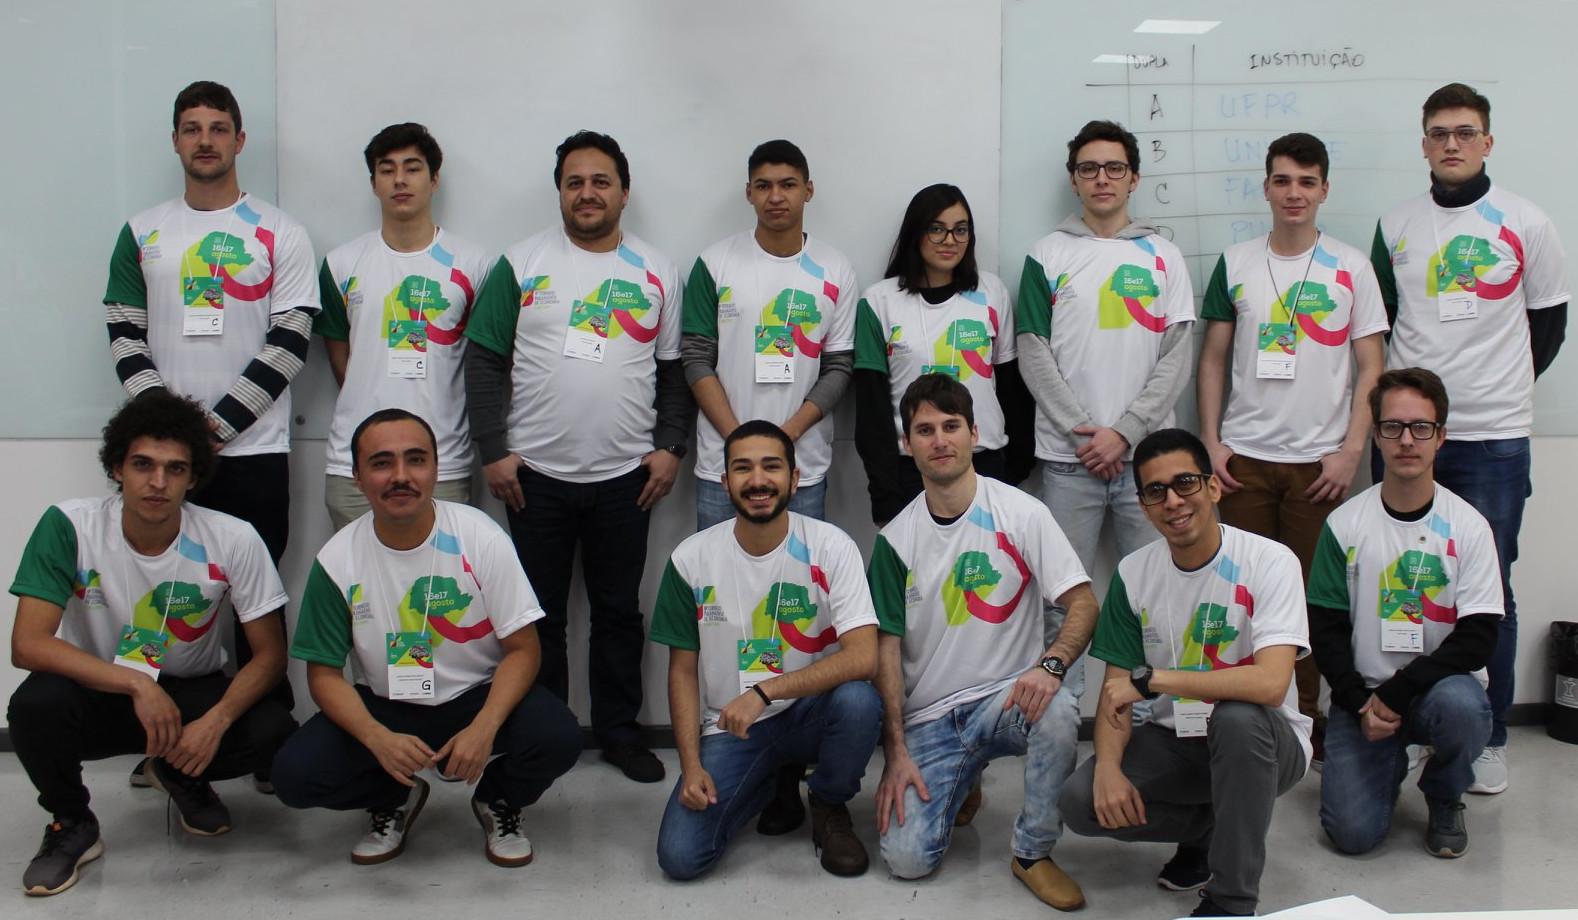 Catorze jovens, que divididos em duplas, participaram do Torneio Paranaense de Economia. Eles estão dispostos em duas fileiras - oito estão em pé e seis agachados